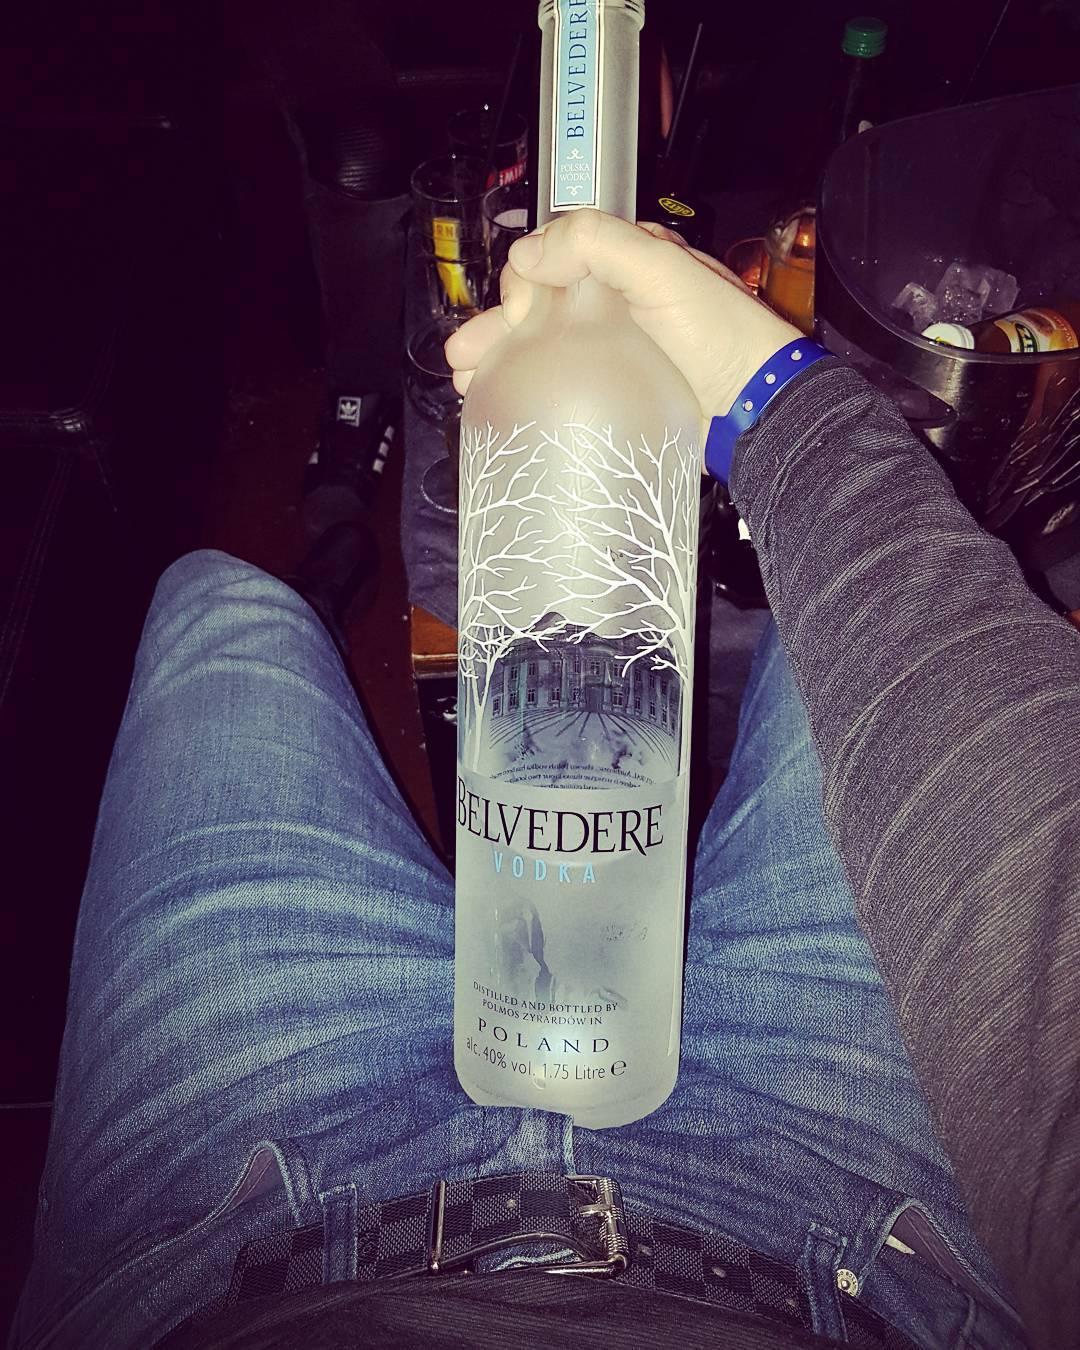 Wochenende Schluckparty mit den Bitches ;) #party #berlin #weekend #vodka #belvedere